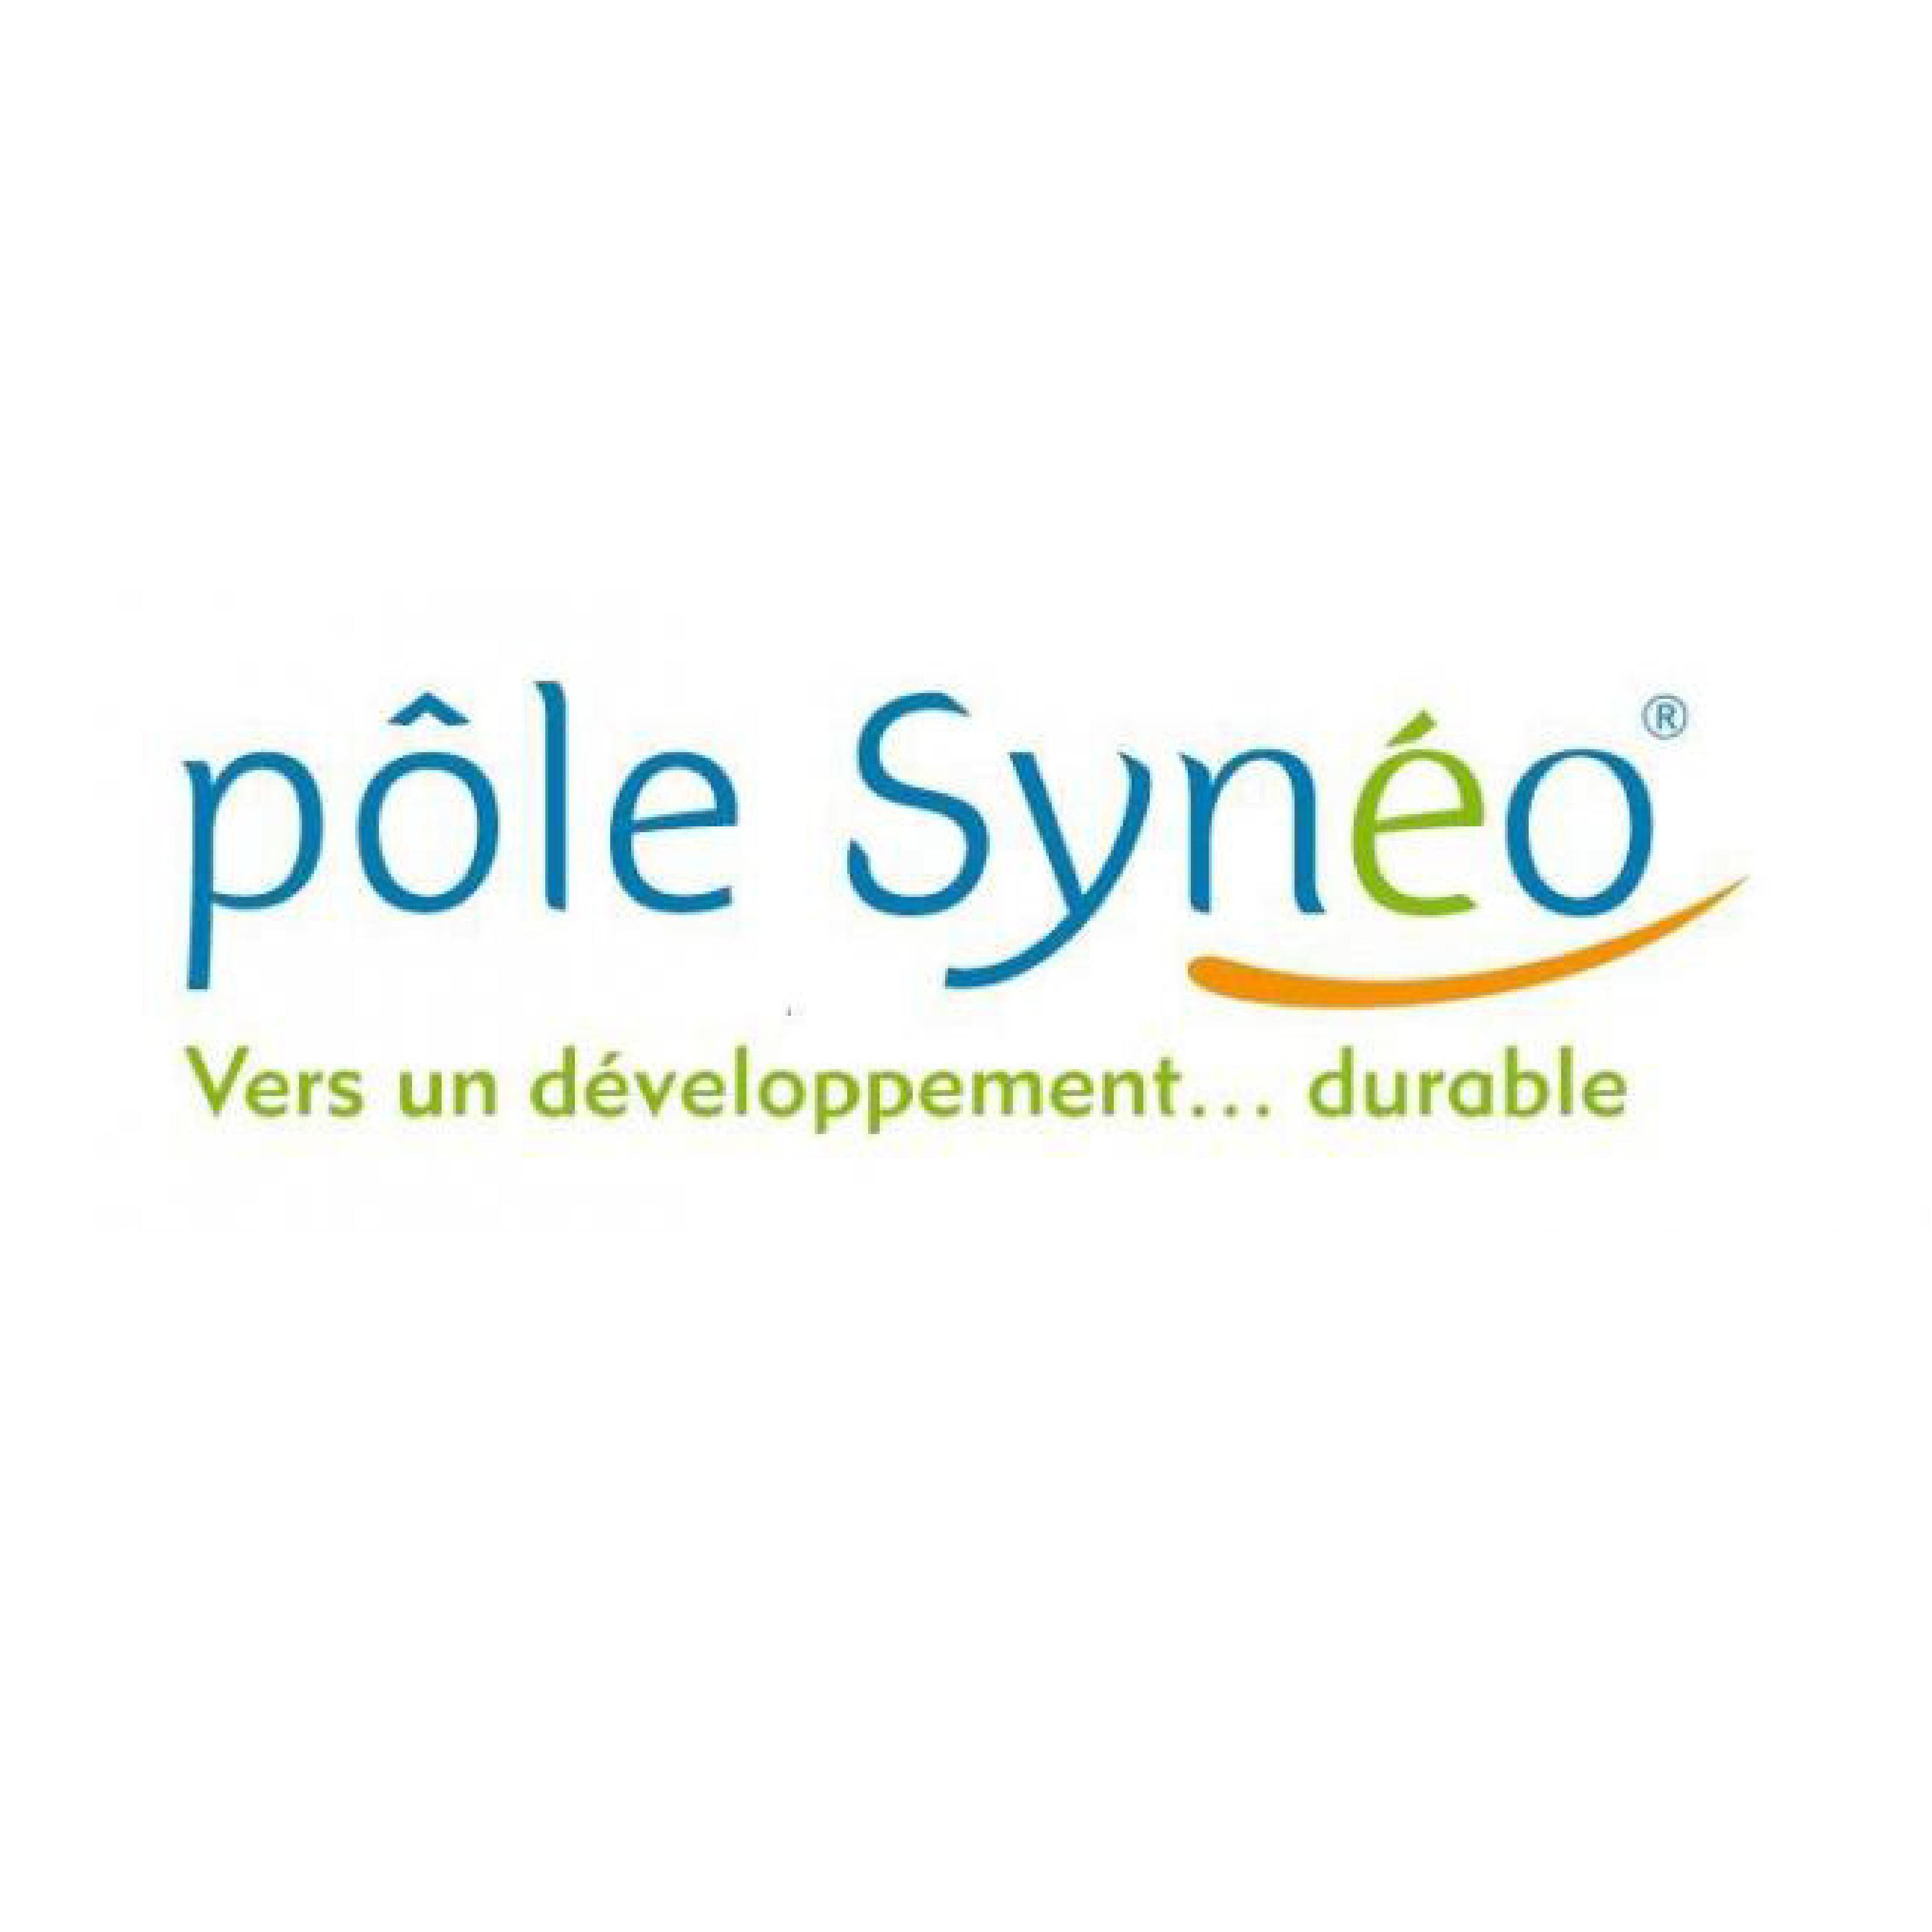 pole syneo_Plan de travail 1